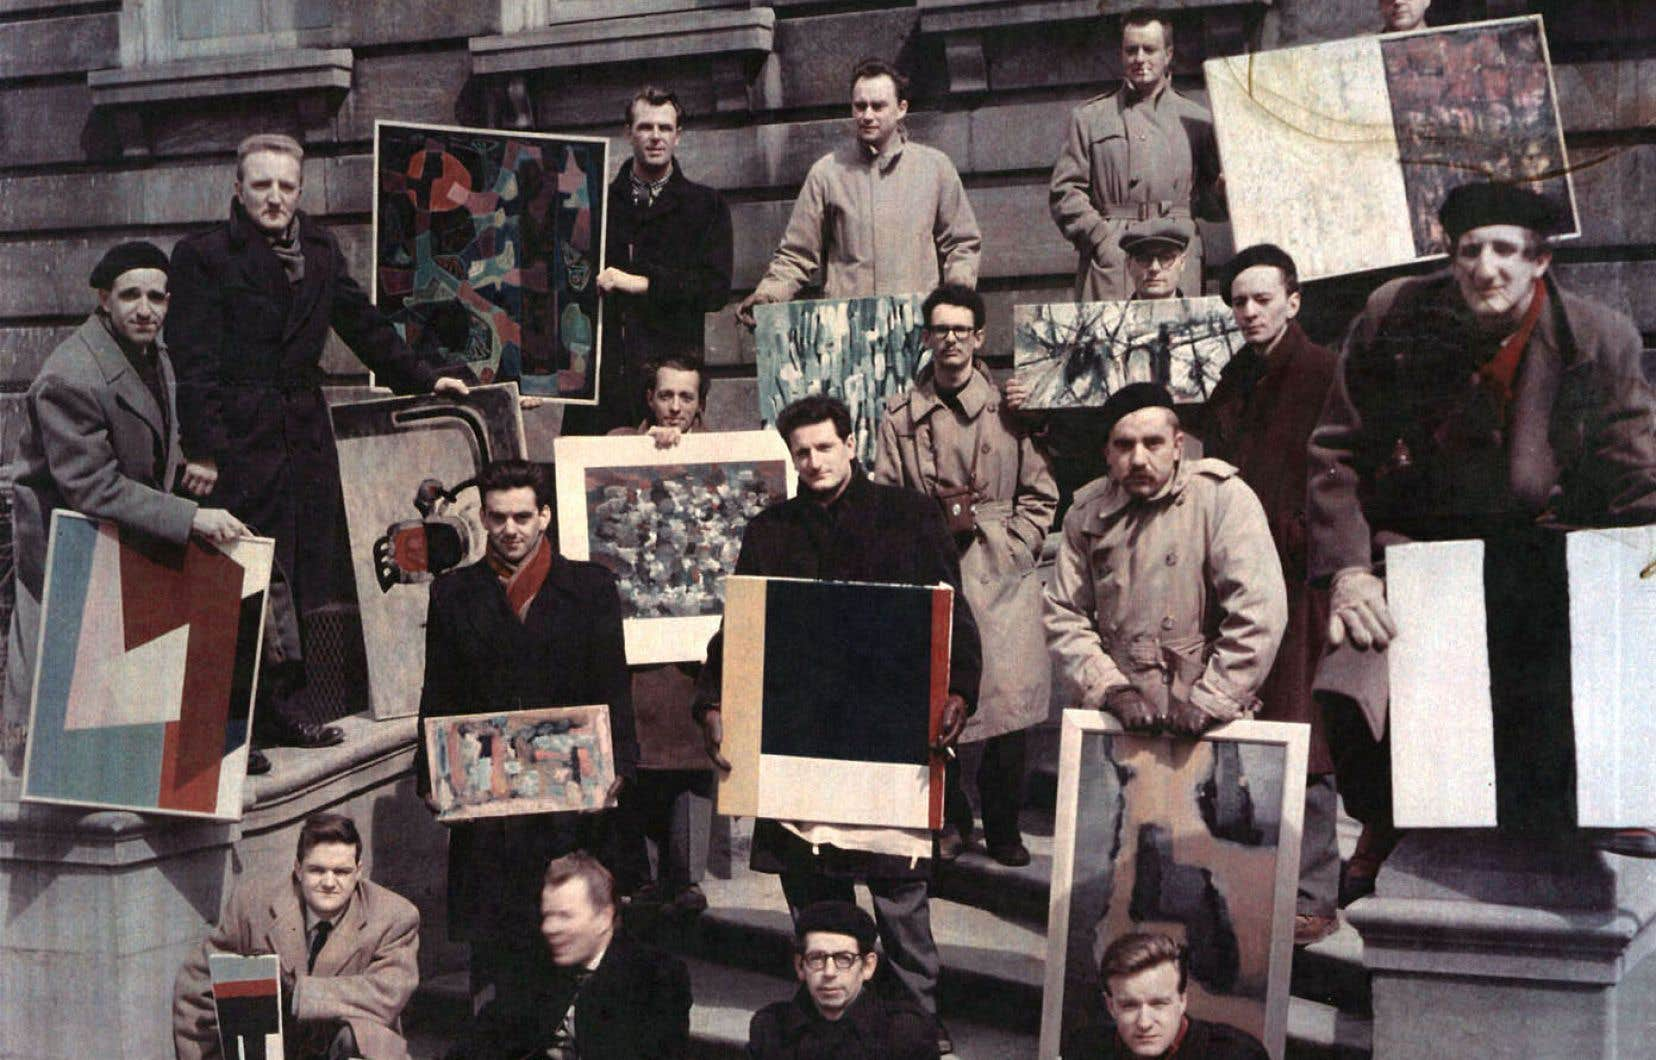 Photo de groupe prise lors d'une exposition de l'Association des artistes non figuratifs de Montréal, organisée au printemps 1957 au YMCA, vue à l'exposition «Hommage aux premiers Plasticiens» tenue à la galerie Simon Blais en 2005. Au premier rang: Louis Belzile, à gauche, et Fernand Toupin, à droite.